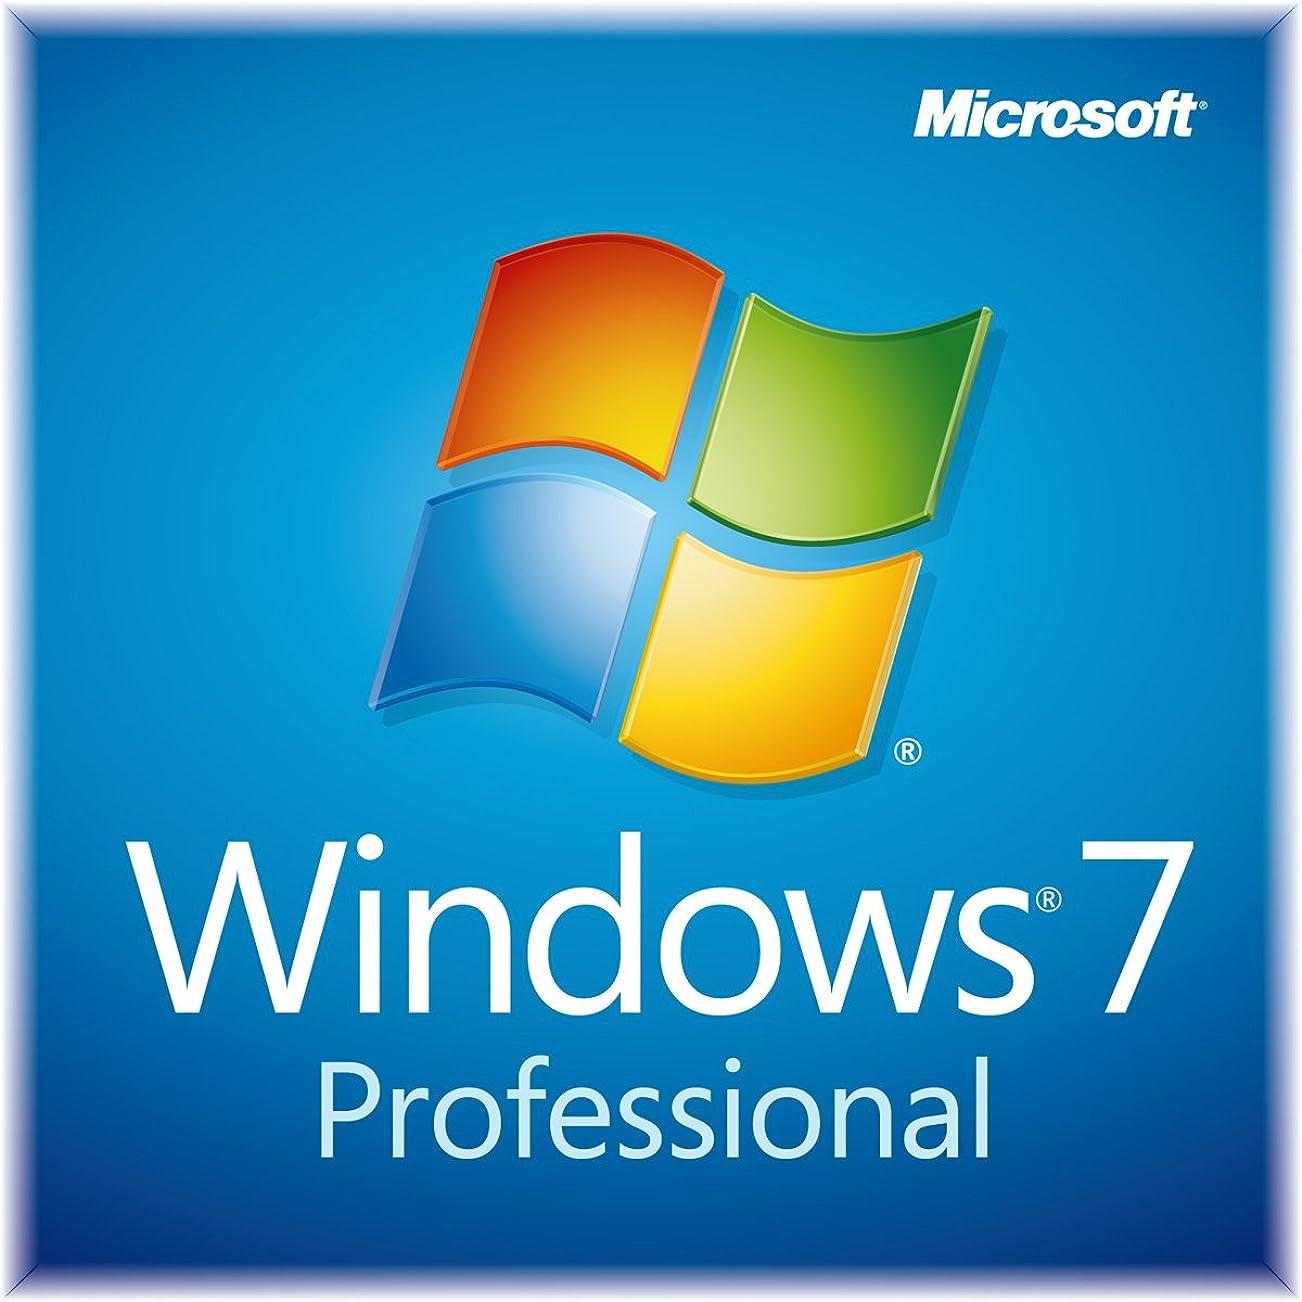 ベッドヒール進化Microsoft Windows7 Professional 32bit Service Pack 1 日本語 DSP版 DVD LCP 【紙パッケージ版】